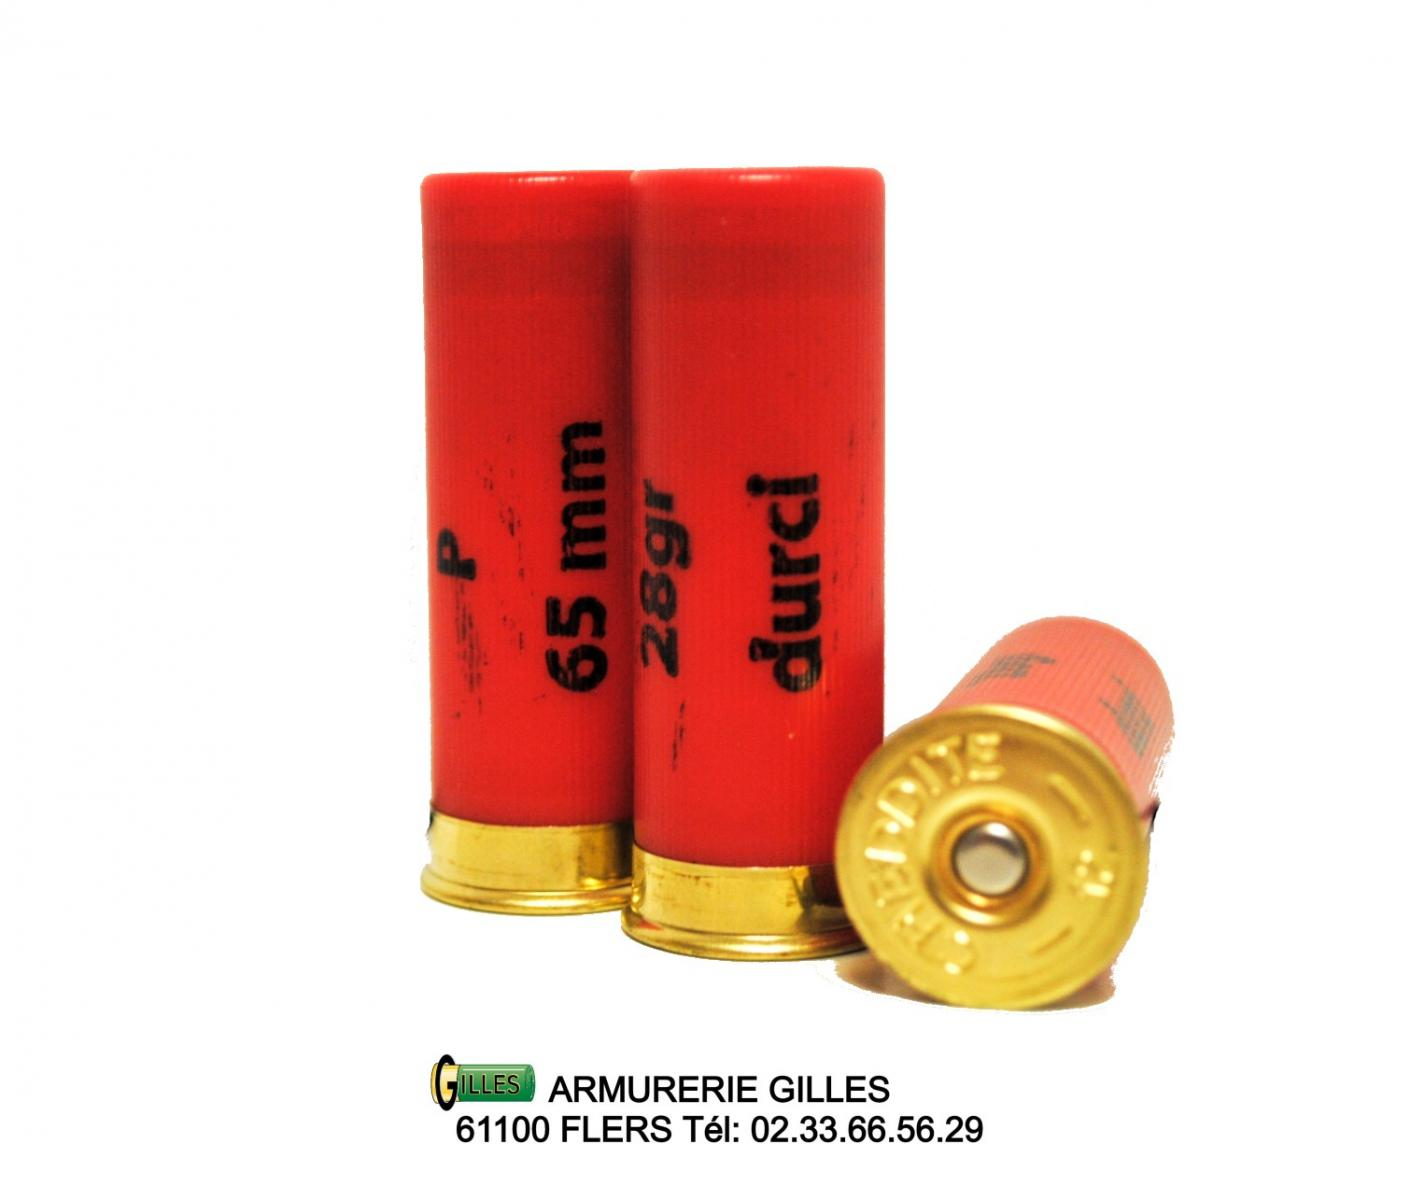 25 Cartouches pour COWBOY-SHOOTING calibre 12/65